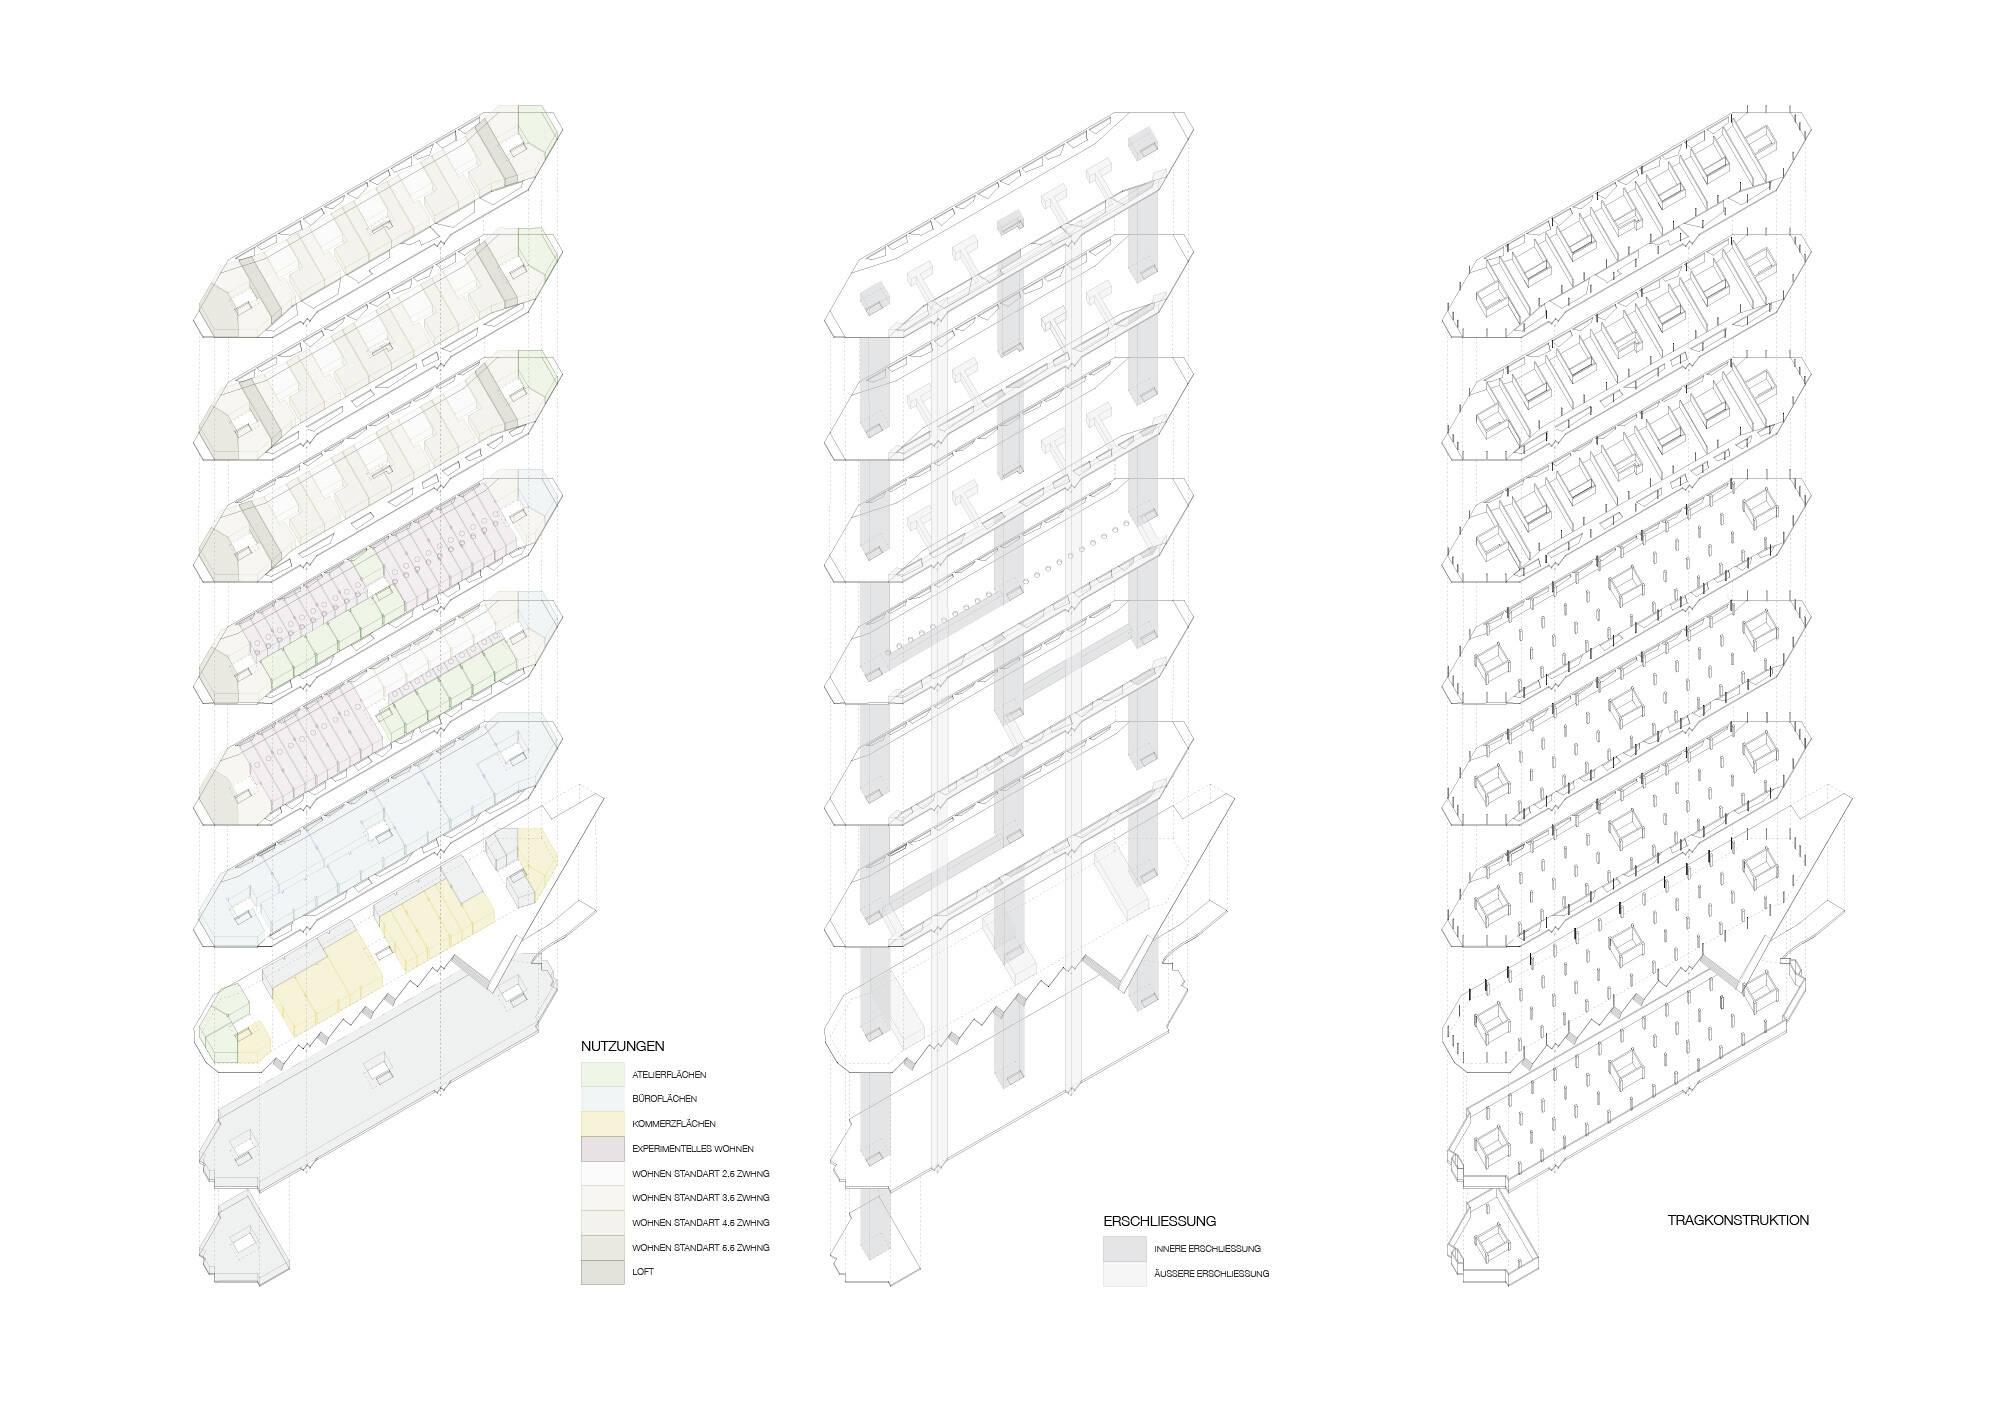 Ziemlich 87 Gebäude Diagramm Bild Ideen Galerie - Die Besten ...